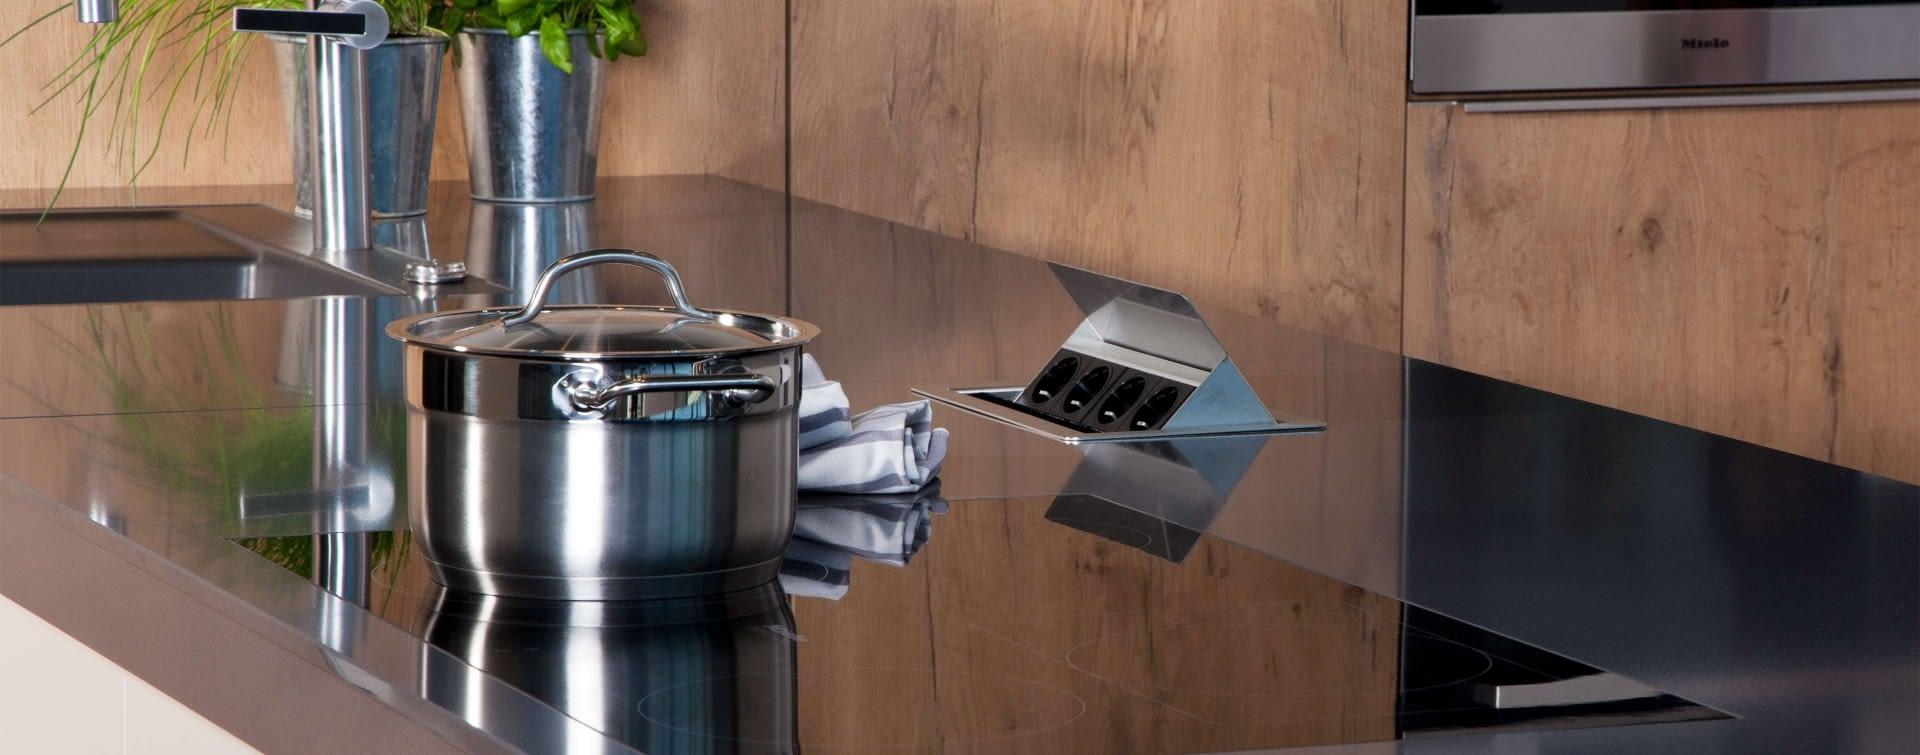 Frühjahrsputz - die besten Tipps für Ihre Küche